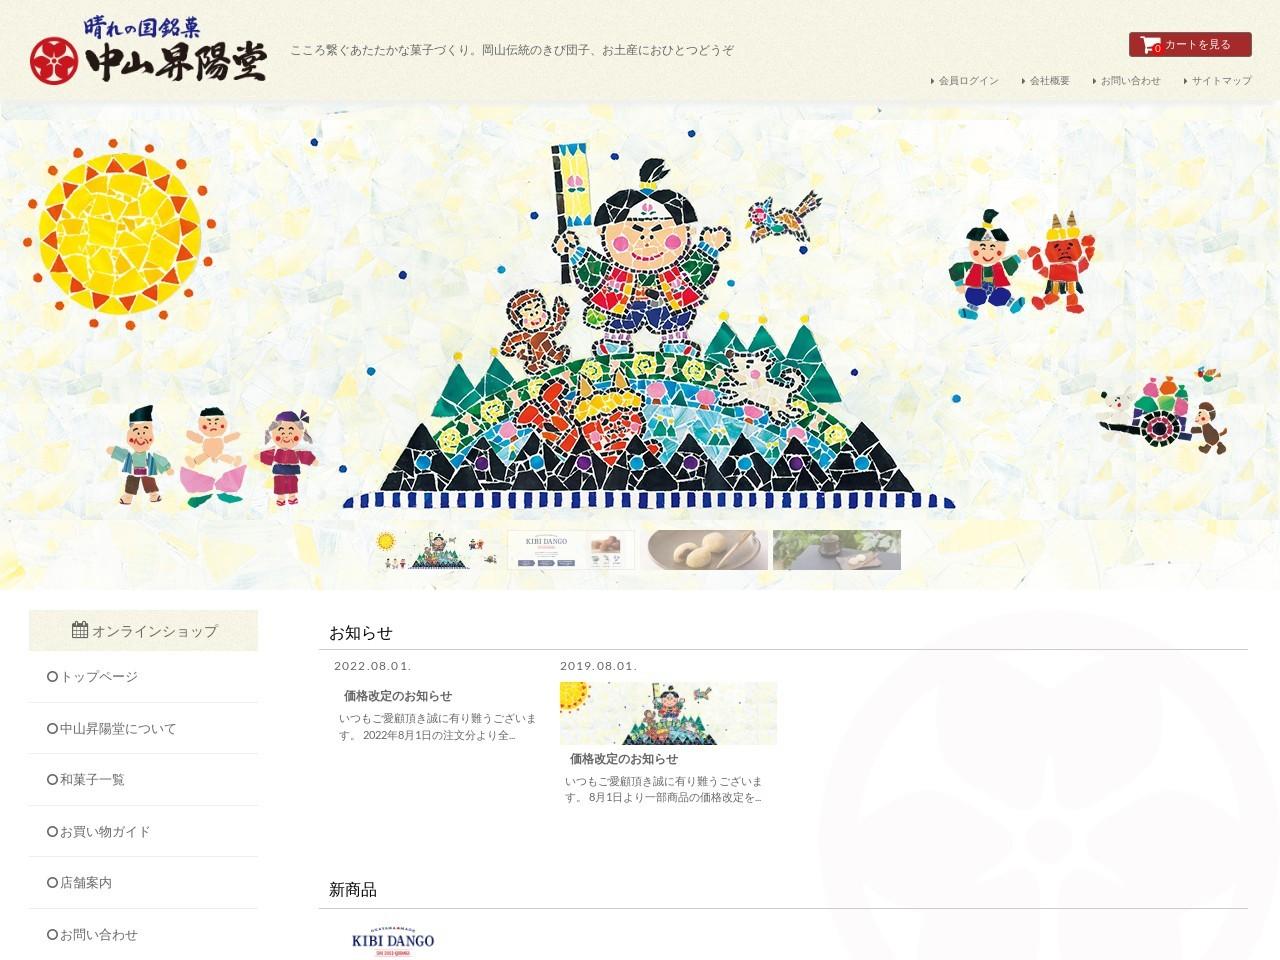 株式会社中山昇陽堂